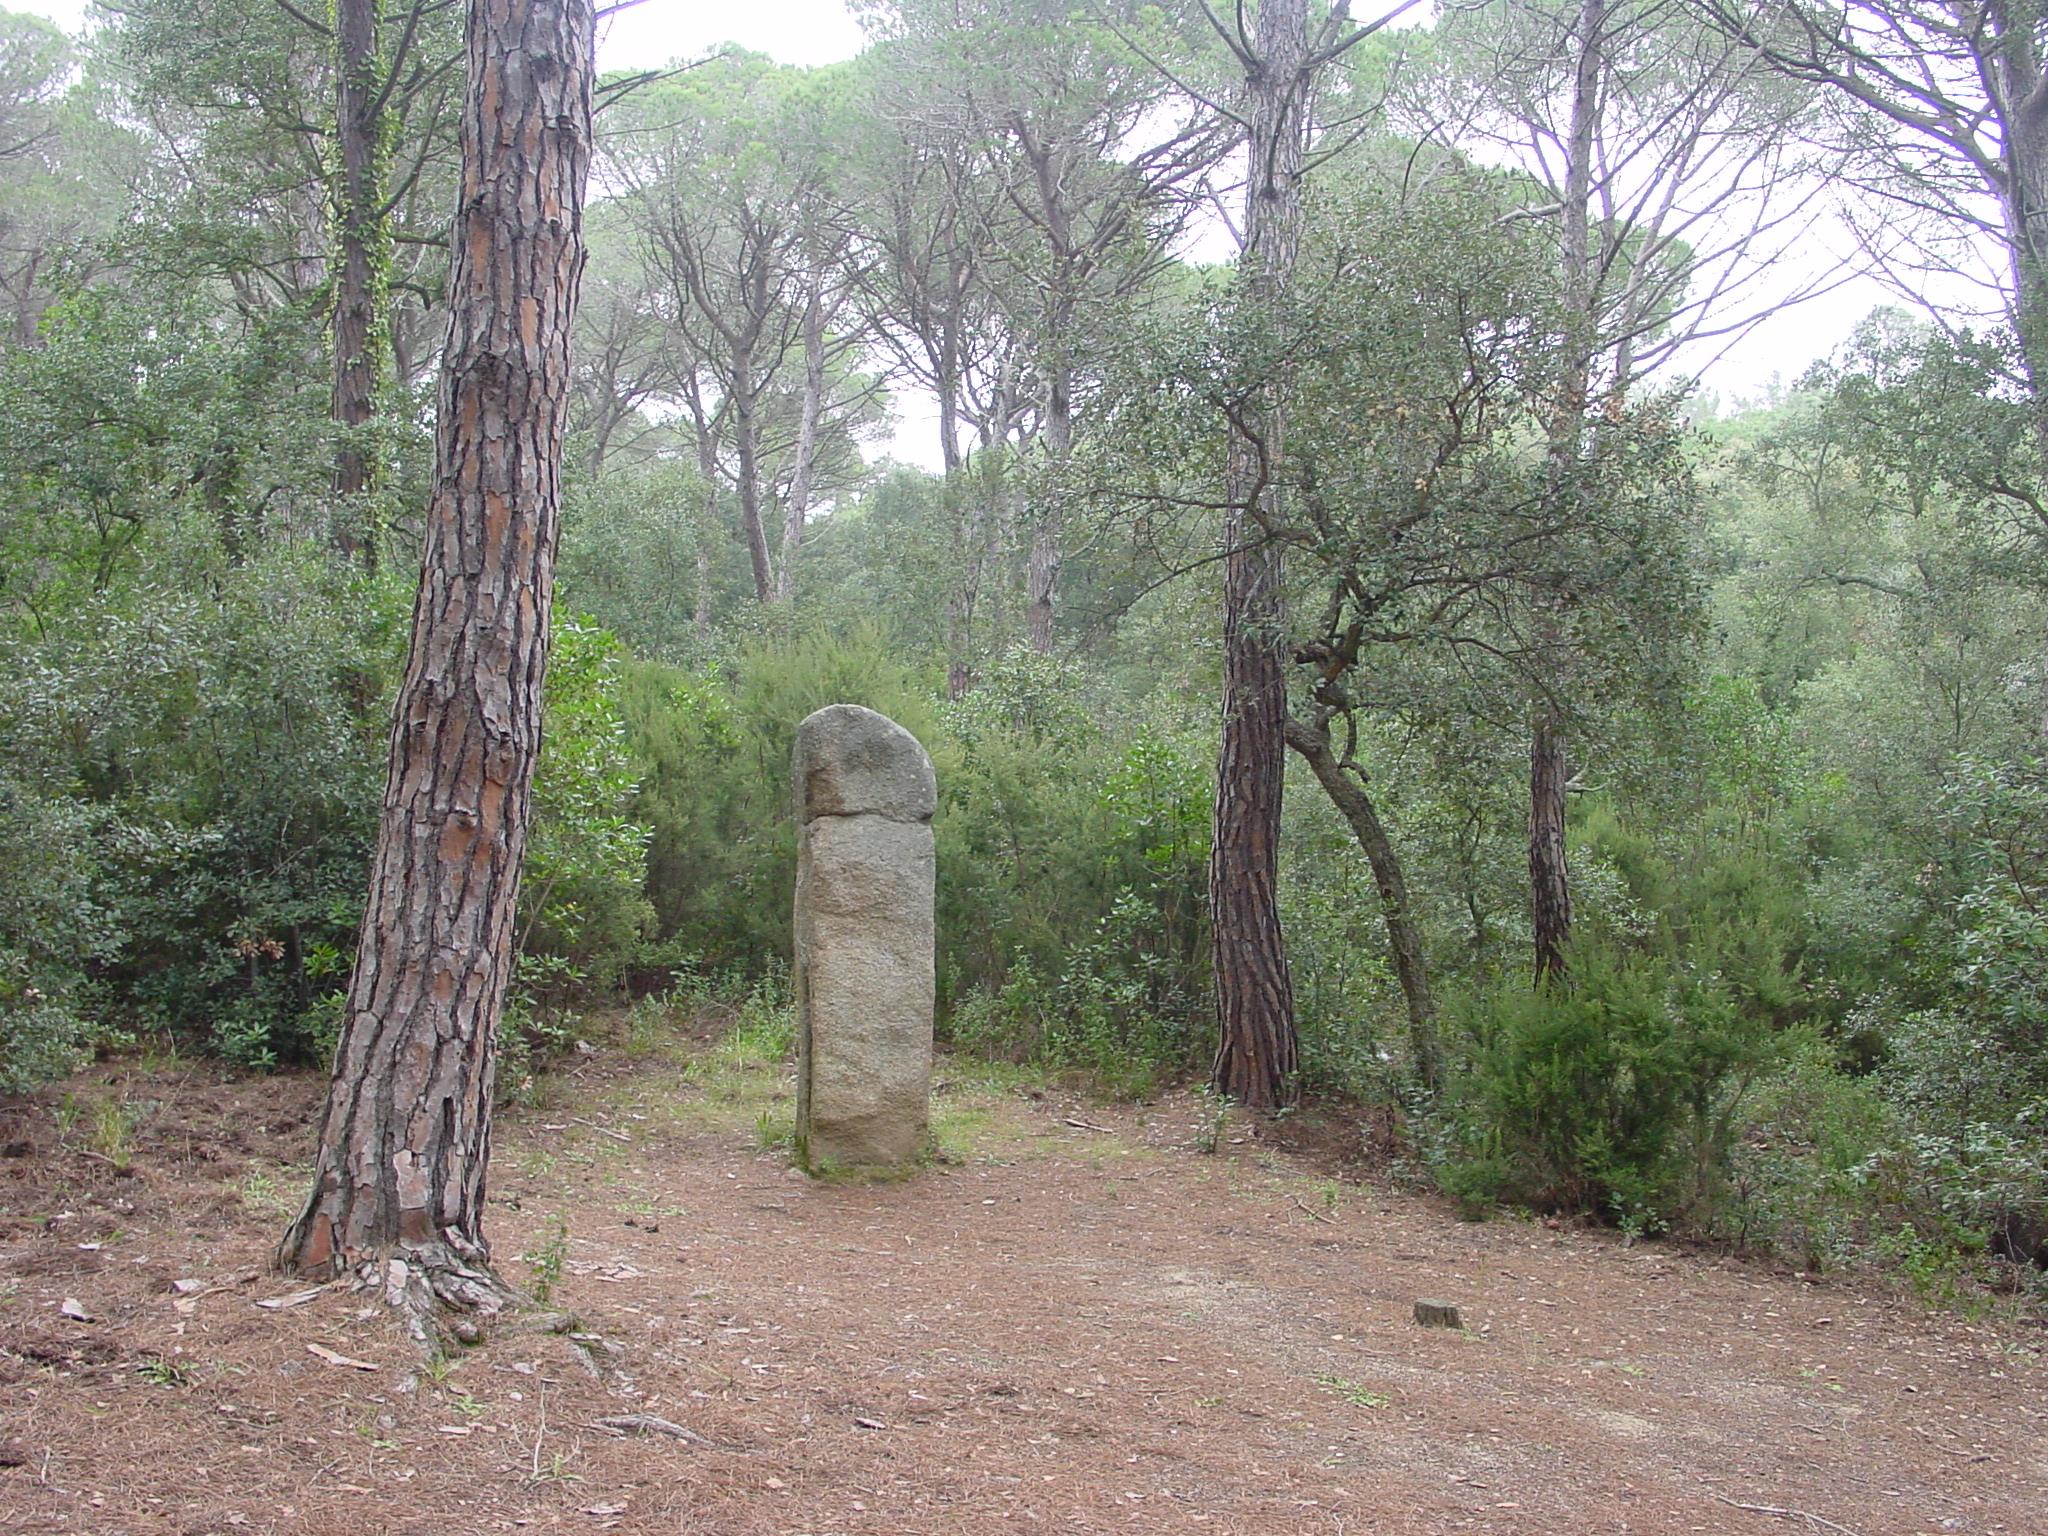 La imatge del Menhir de la Murtra no denota la seva imponéncia. Aquesta pedra dreta mesura 2'35 cm d'alçada, 0'70 cm estan enterrats. Es de tipus fal·liforme i de secció quadrada. No es sap si tindrien una funció de delimitació territorial o formarien part d'algun ritual. Aquest exemplar es troba molt aprop del dolmen de la Cova d'en Daina.